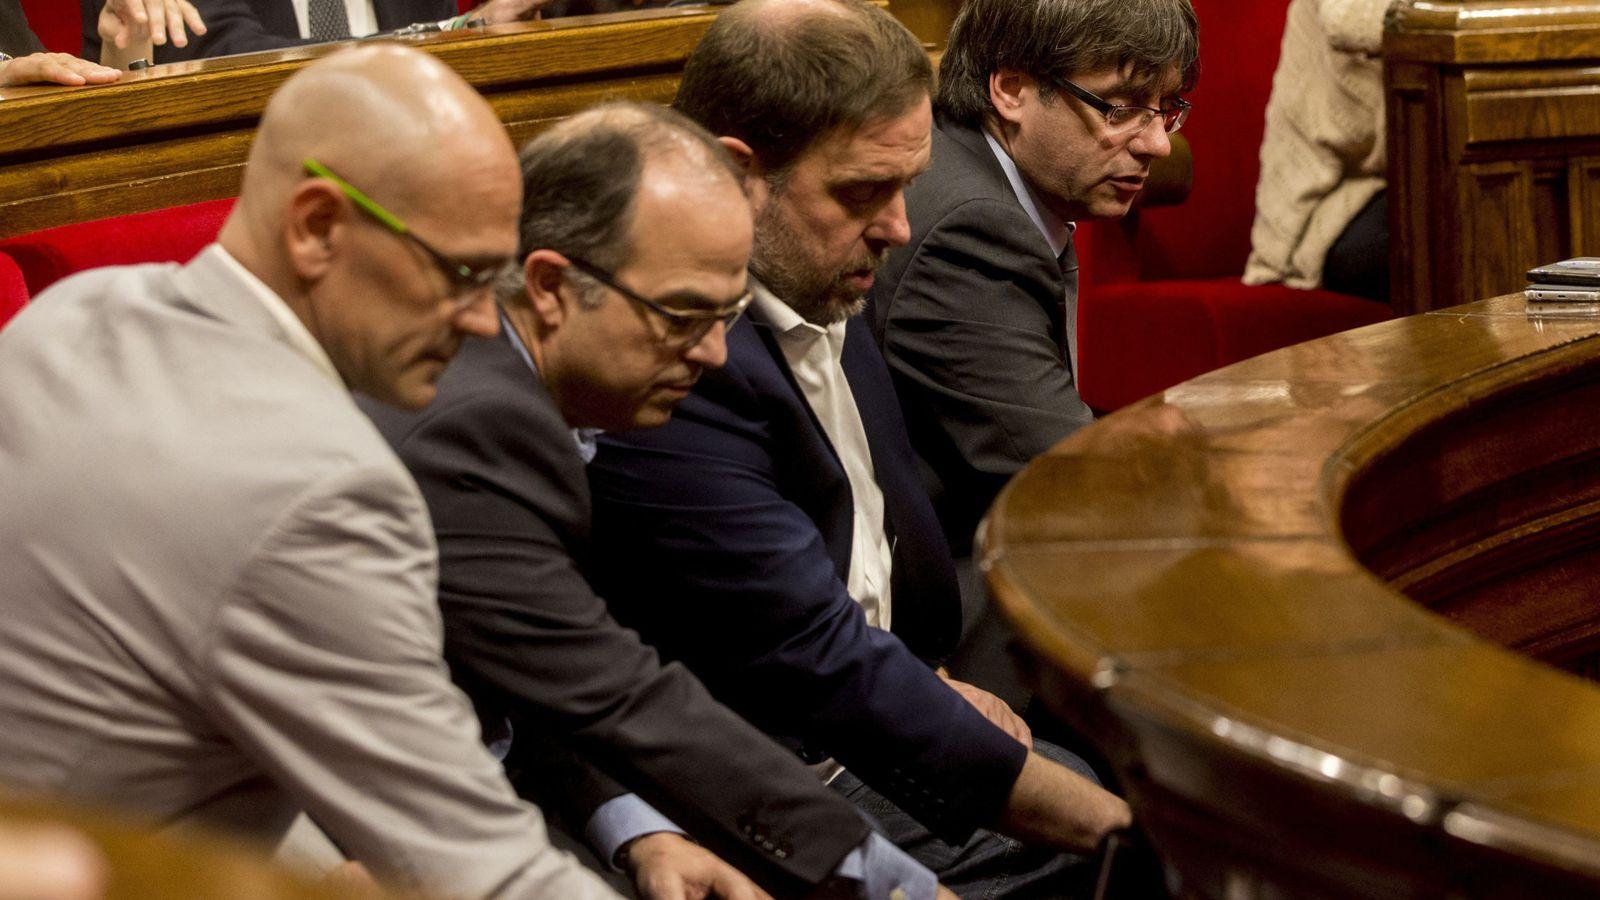 Foto: Carles Puigdemont, junto a Oriol Junqueras, Jordi Turull y Raül Romeva. (EFE)